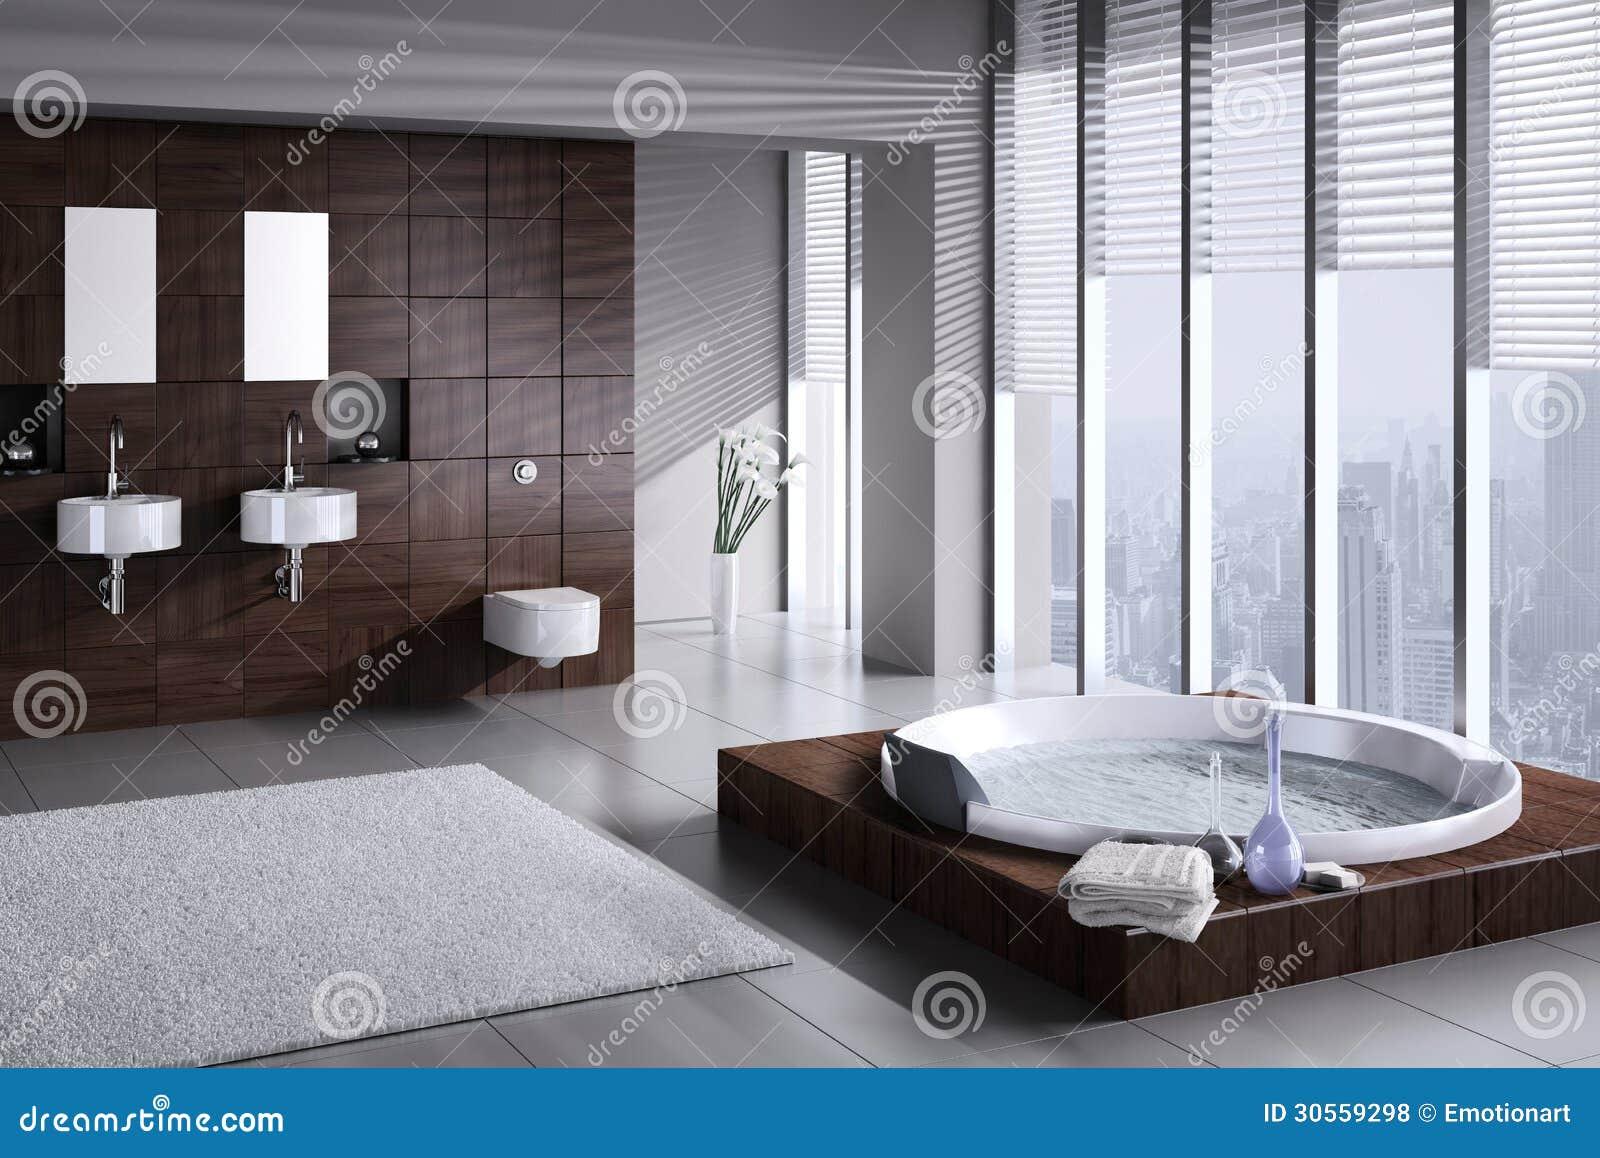 Baños Con Jacuzzi De Lujo:Cuarto De Baño Moderno Con El Lavabo Y El Jacuzzi Dobles Fotos de